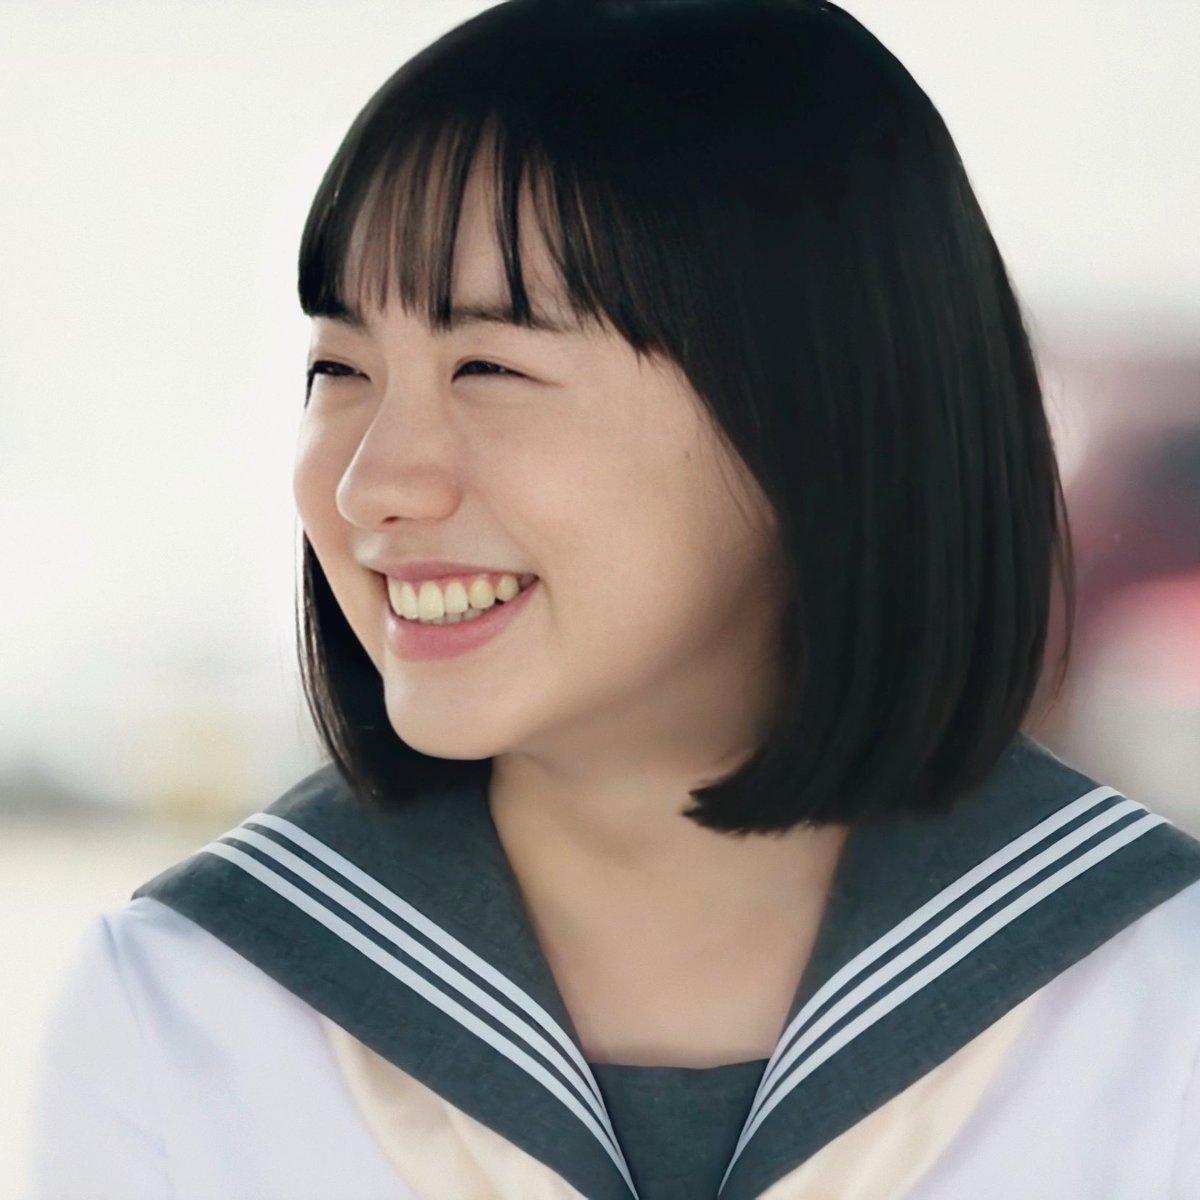 芦田愛菜 アイコラ